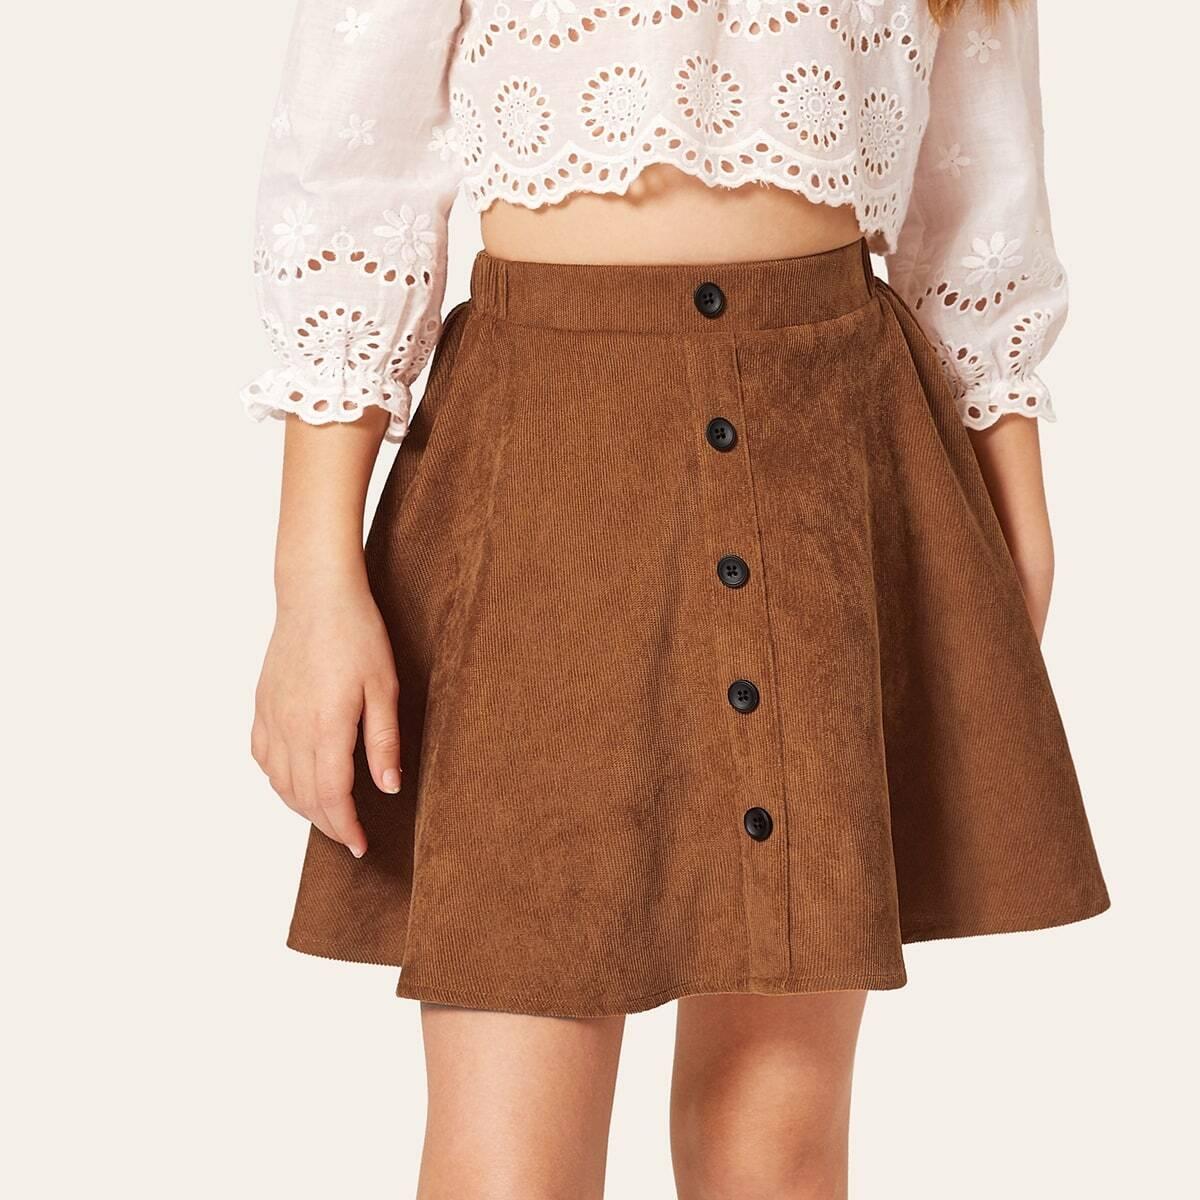 Вельветовая юбка с пуговицами для девочек